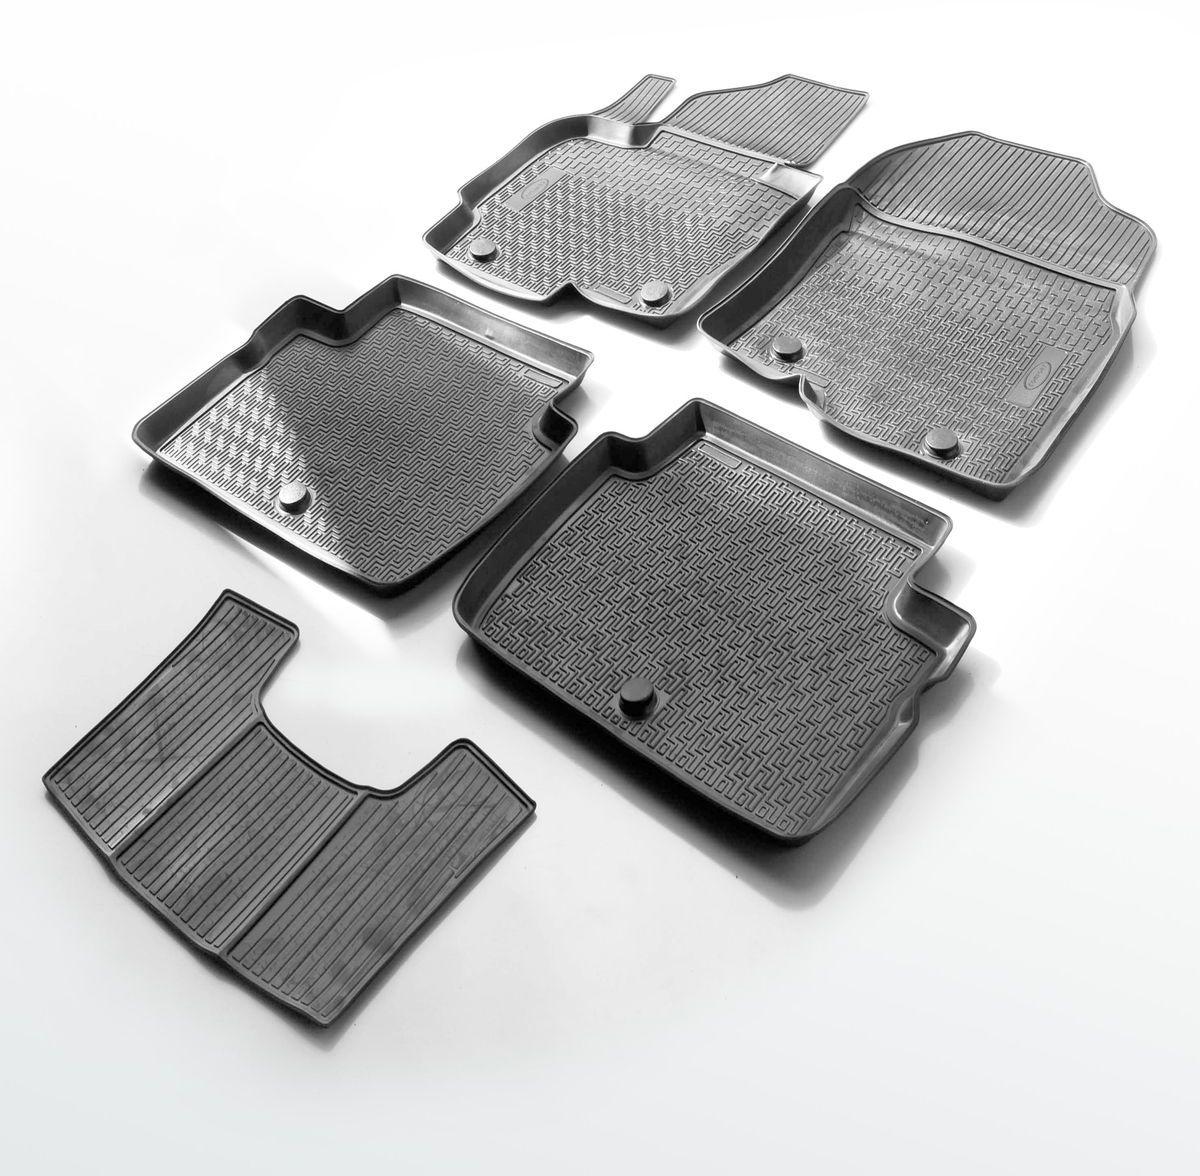 Коврики салона Rival для Hyundai Elantra 2016-, c перемычкой, полиуретанSC-FD421005Прочные и долговечные коврики Rival в салон автомобиля, изготовлены из высококачественного и экологичного сырья, полностью повторяют геометрию салона вашего автомобиля.- Надежная система крепления, позволяющая закрепить коврик на штатные элементы фиксации, в результате чего отсутствует эффект скольжения по салону автомобиля.- Высокая стойкость поверхности к стиранию.- Специализированный рисунок и высокий борт, препятствующие распространению грязи и жидкости по поверхности коврика.- Перемычка задних ковриков в комплекте предотвращает загрязнение тоннеля карданного вала.- Произведены из первичных материалов, в результате чего отсутствует неприятный запах в салоне автомобиля.- Высокая эластичность, можно беспрепятственно эксплуатировать при температуре от -45 ?C до +45 ?C.Уважаемые клиенты!Обращаем ваше внимание,что коврики имеет формусоответствующую модели данного автомобиля. Фото служит для визуального восприятия товара.